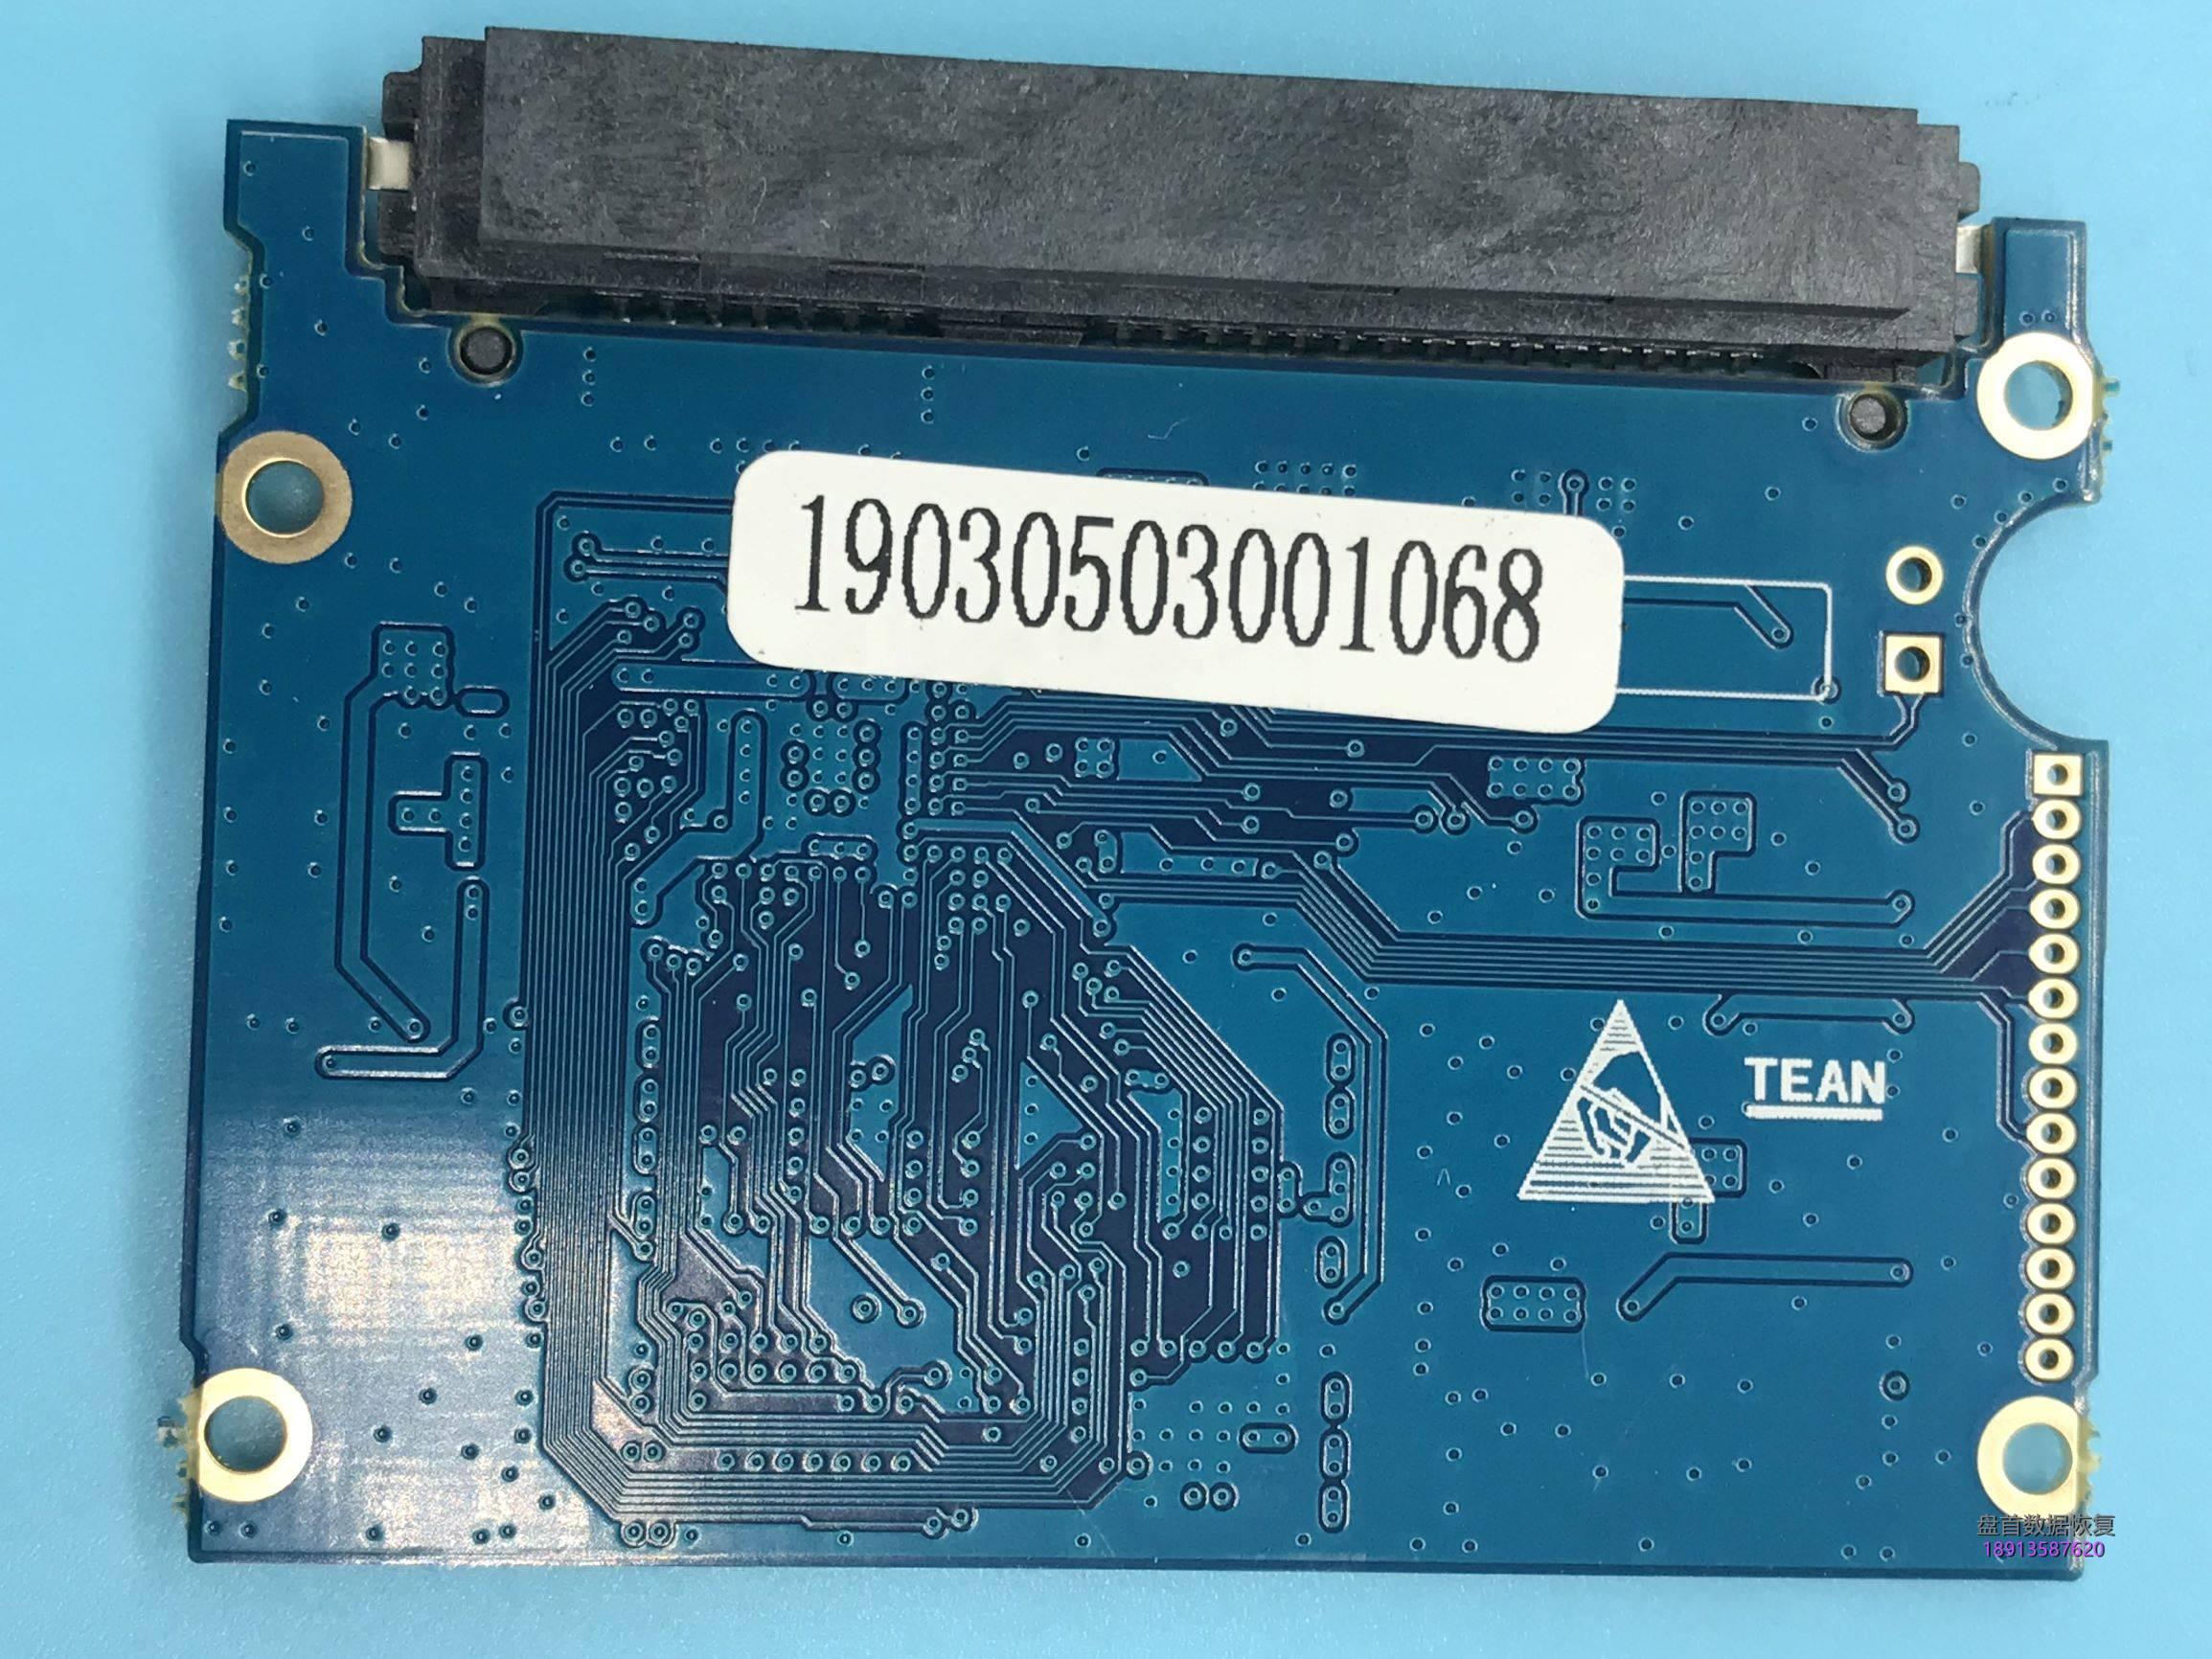 0-3 士必得M3-180G固态硬盘突然无法识别无法使用主控AS2258-BN掉盘不识别数据恢复成功